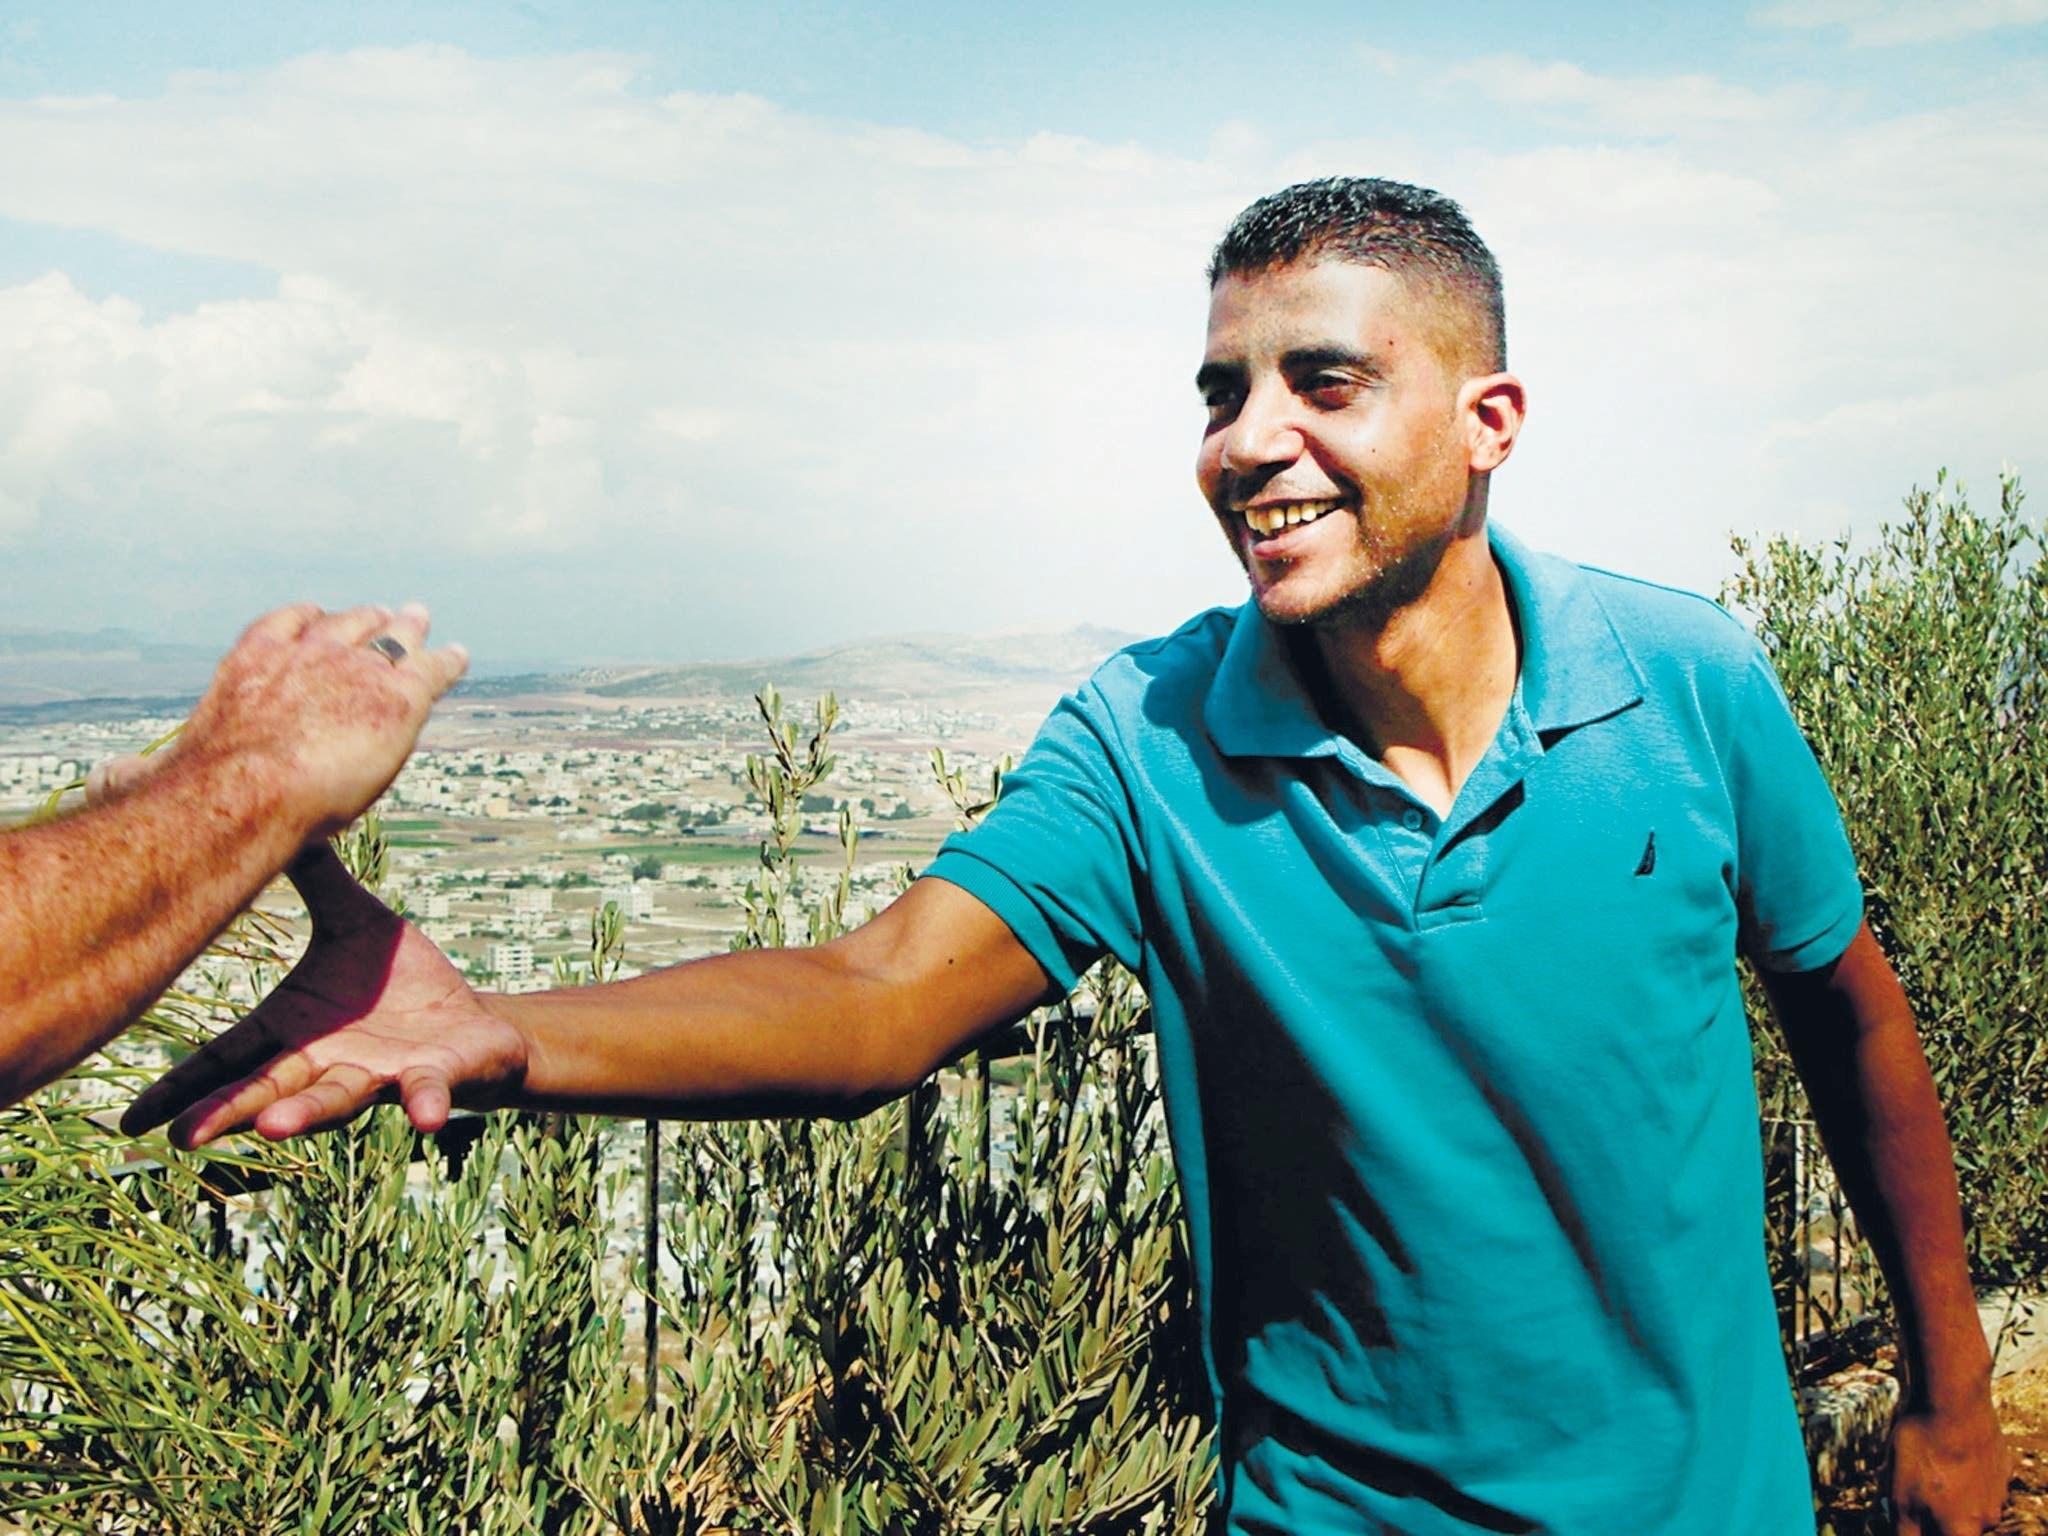 Archive photo of prisoner Zakaria Al-Zubaidi